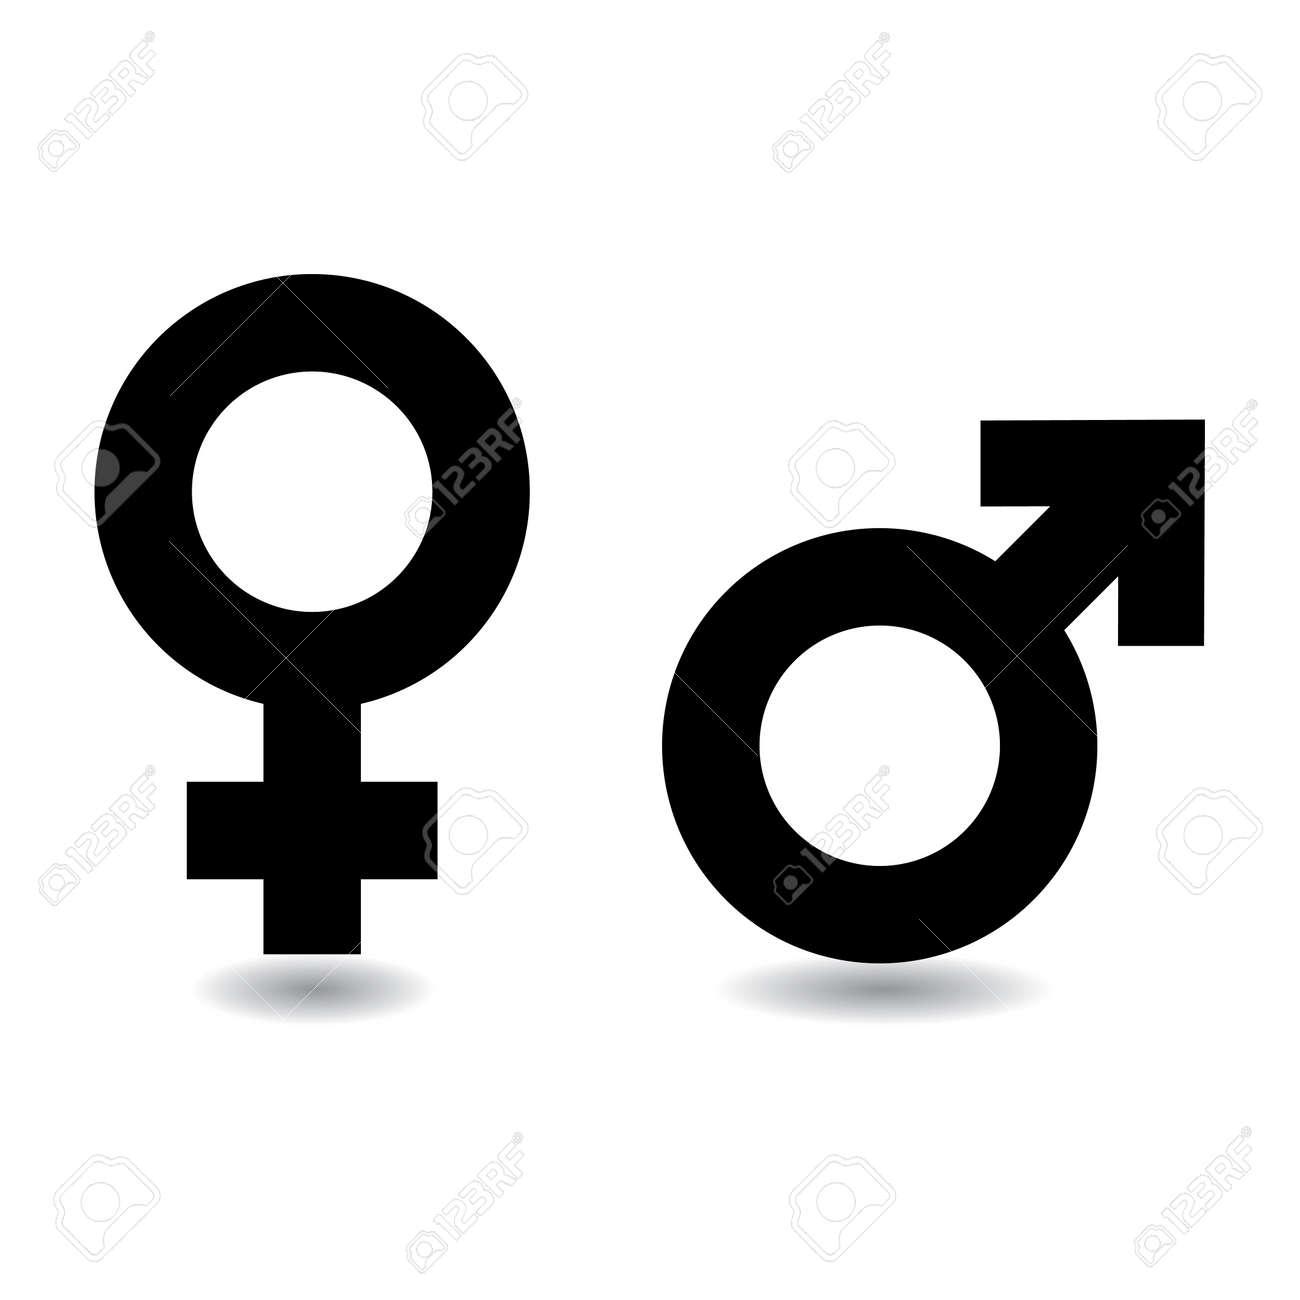 Símbolos Masculinos Femeninos En Blanco Y Negro Con Sombra Fotos